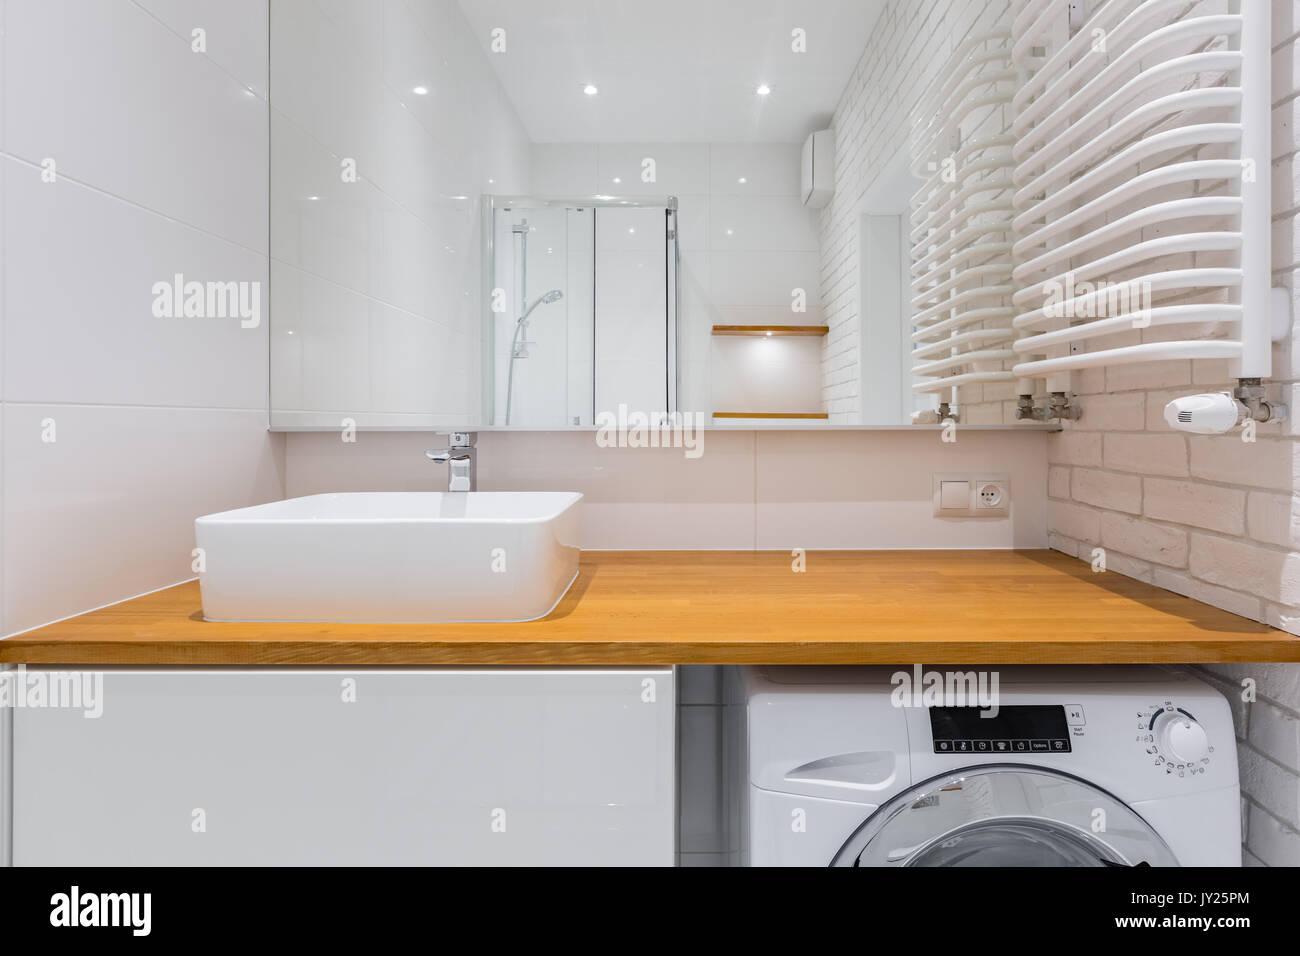 Badezimmer Mit Holz Arbeitsplatte Spiegel Dusche Und